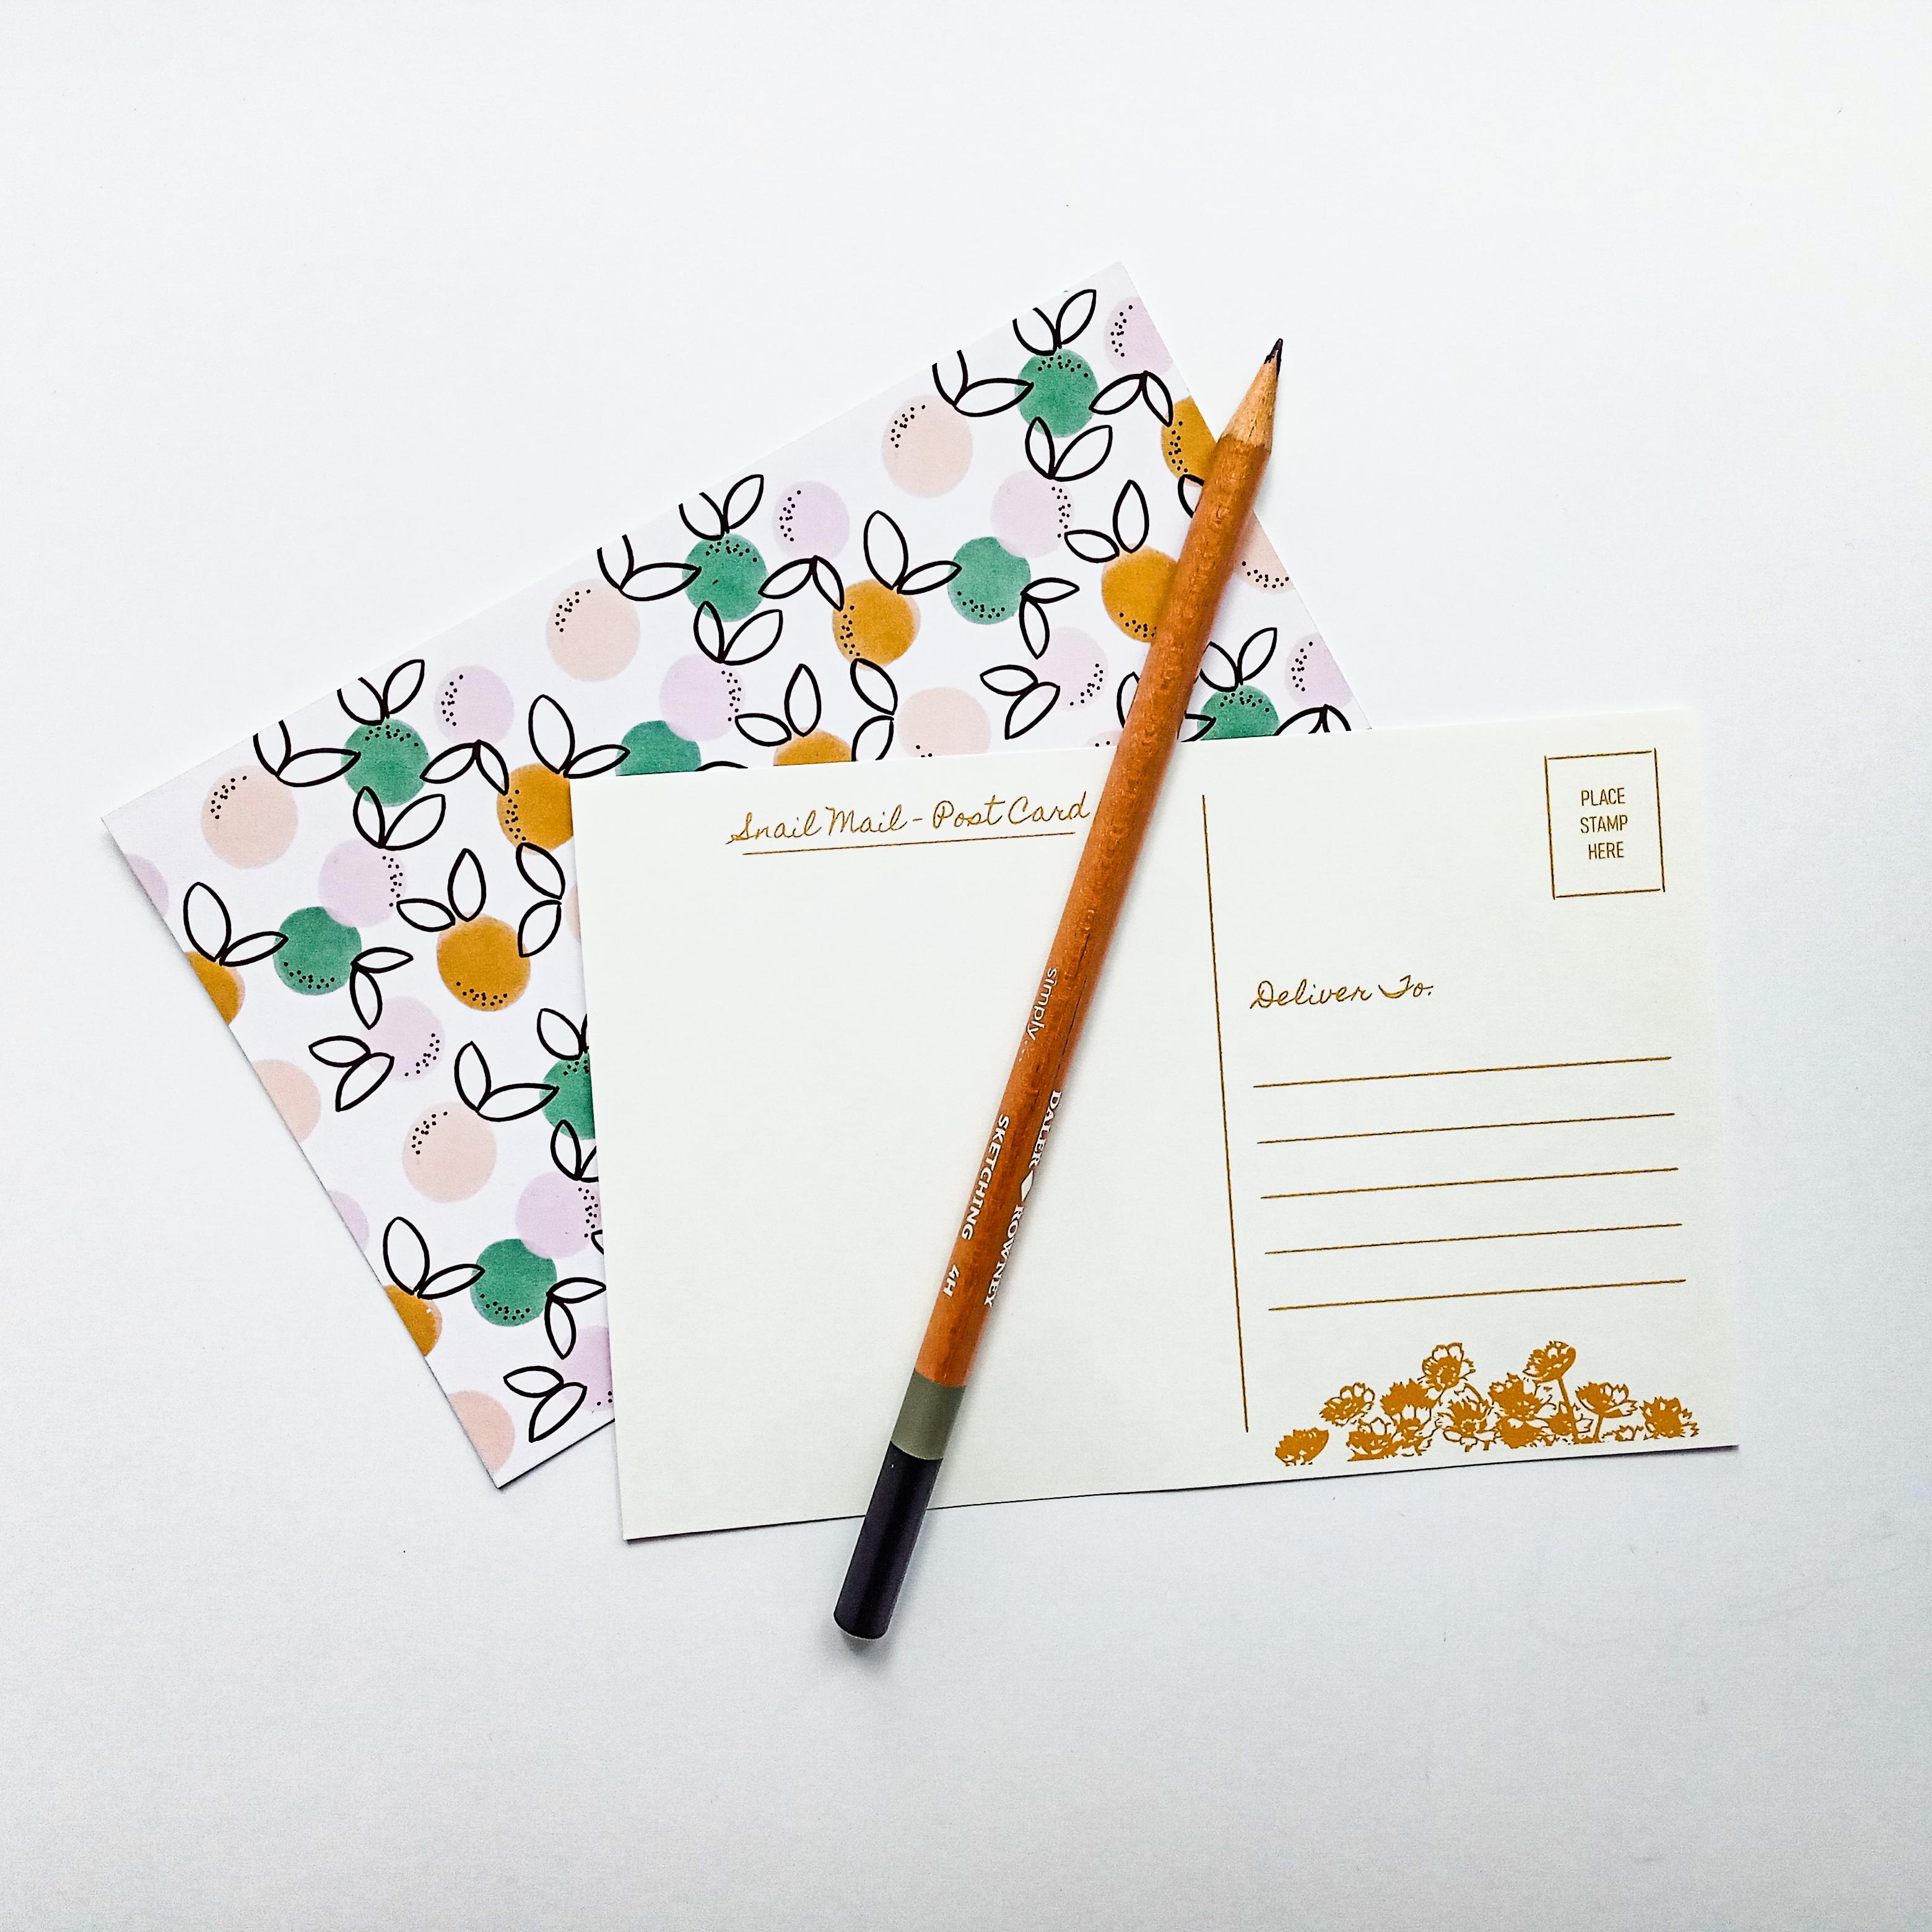 6x4 Post Card Back Printable